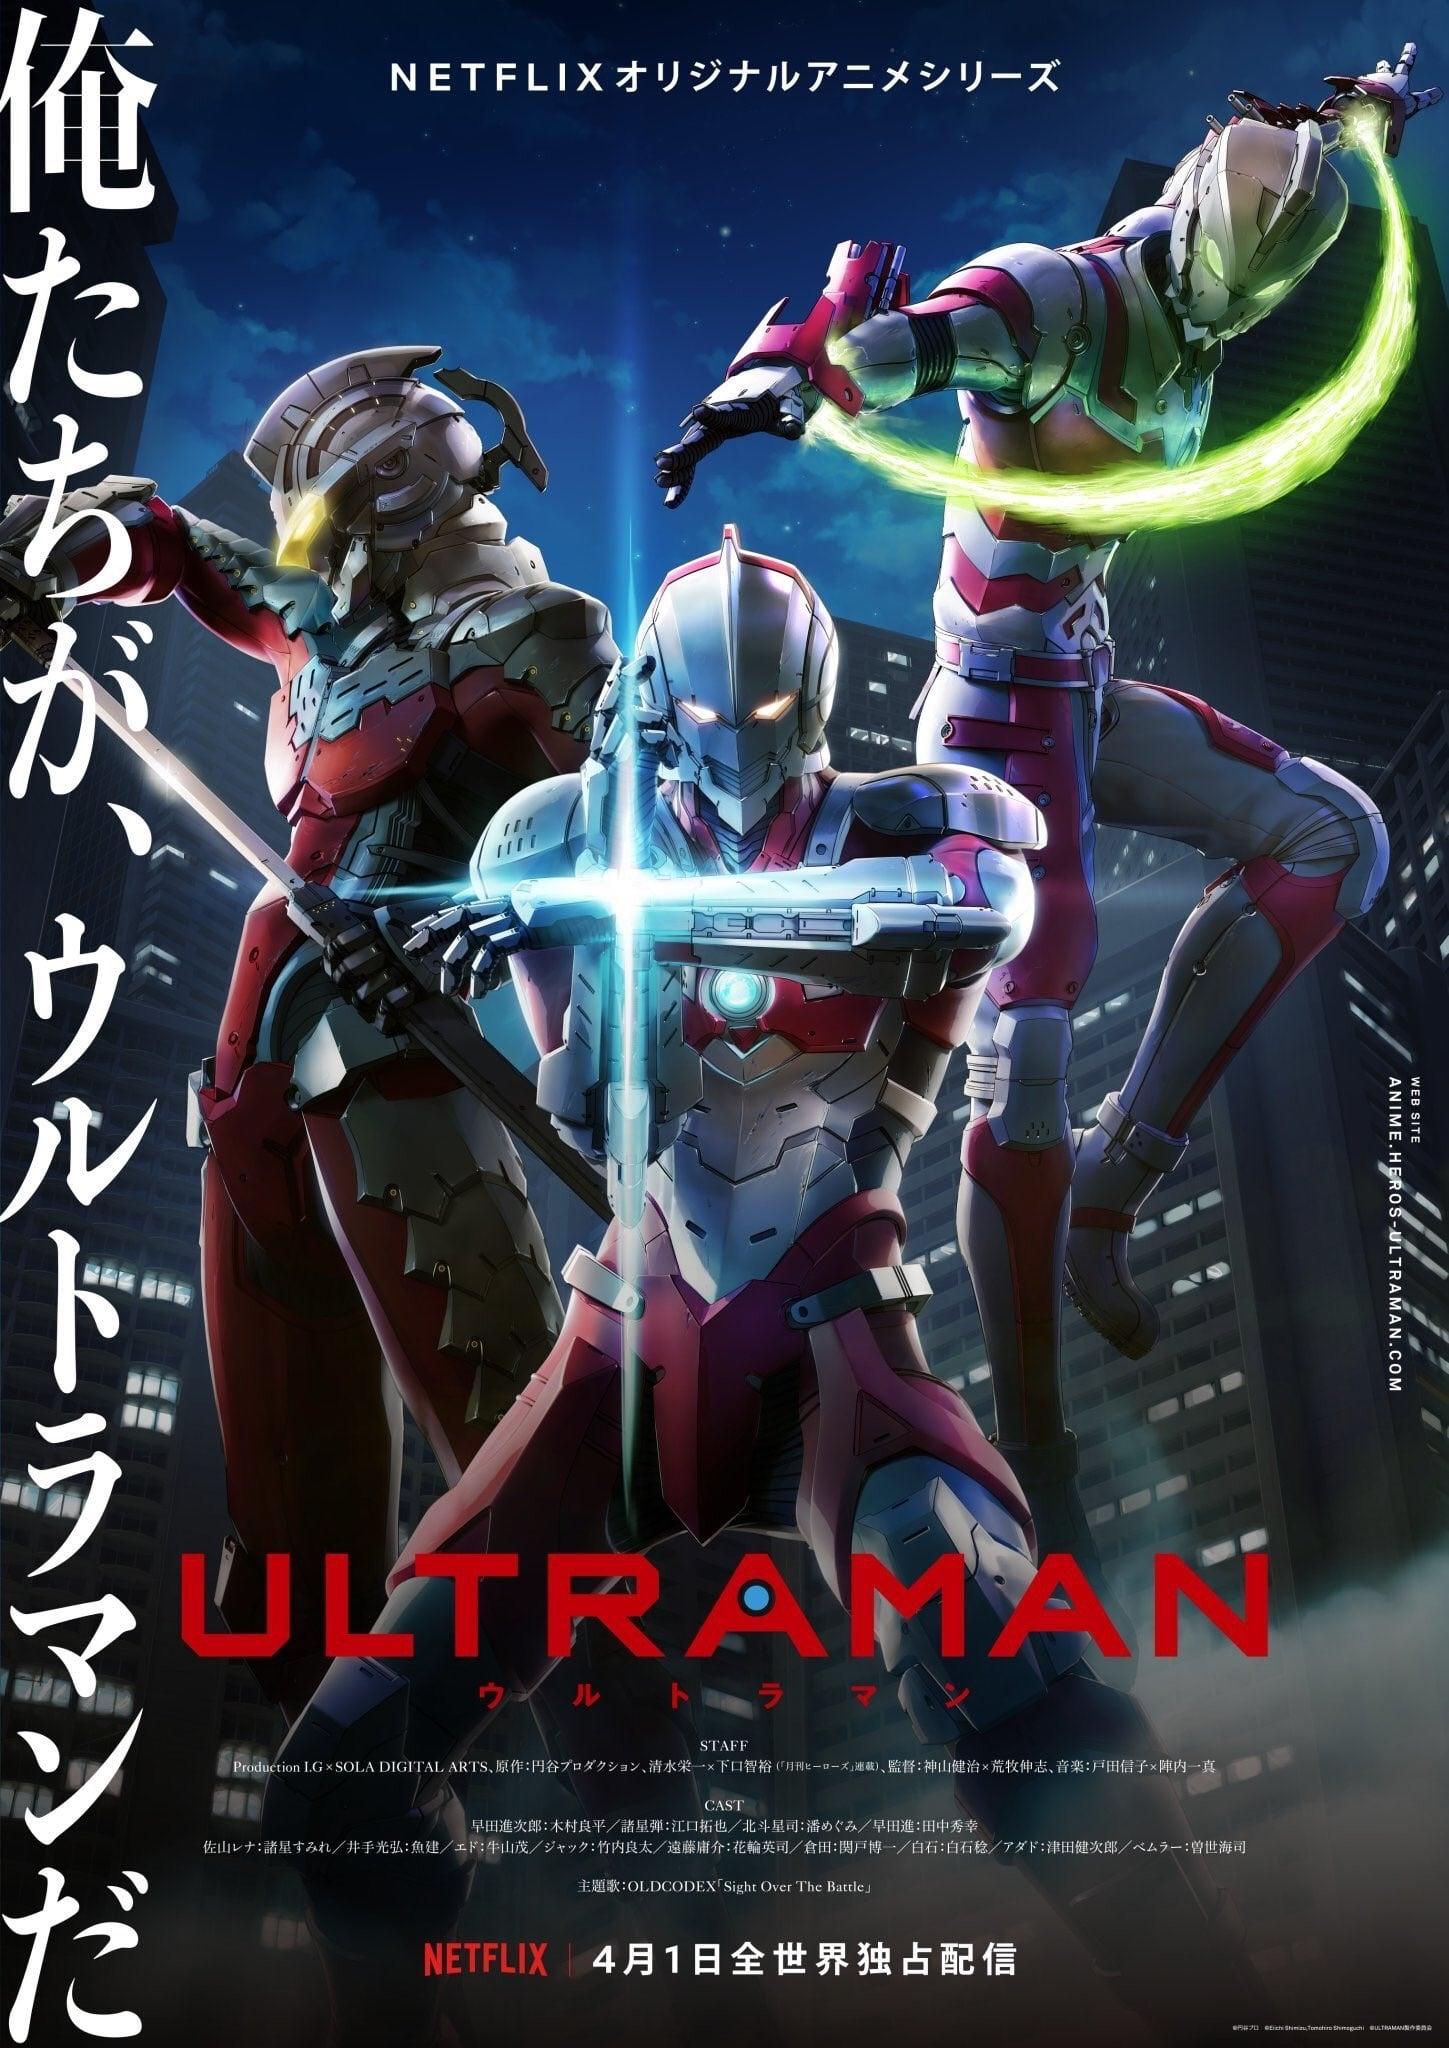 Ultraman (VF & VOSTFR)